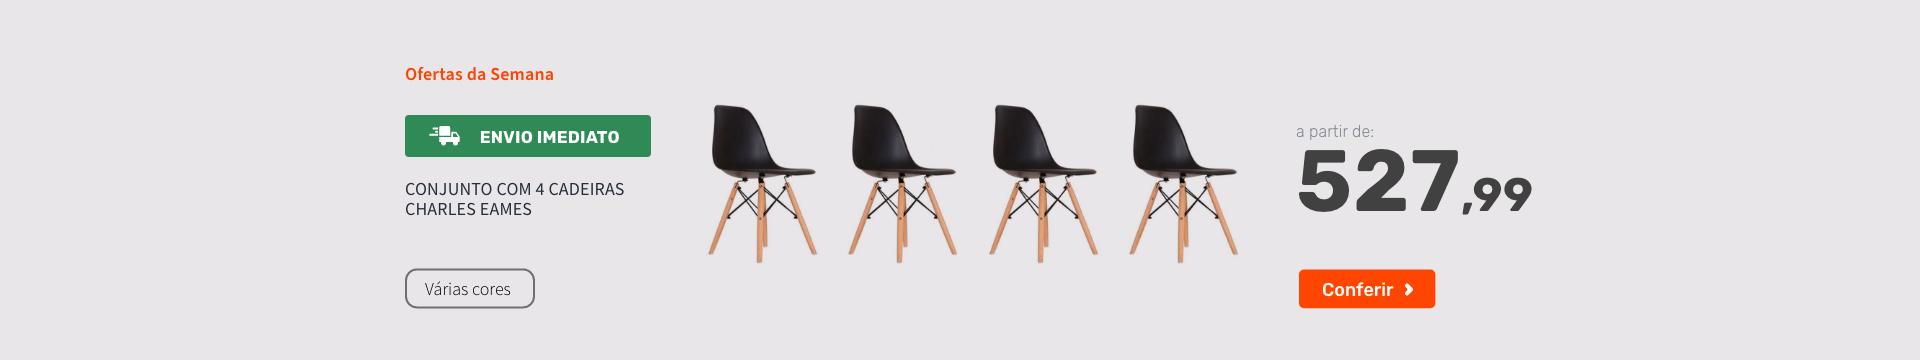 Conjunto com 4 Cadeiras Charles Eames - Ofertas especiais